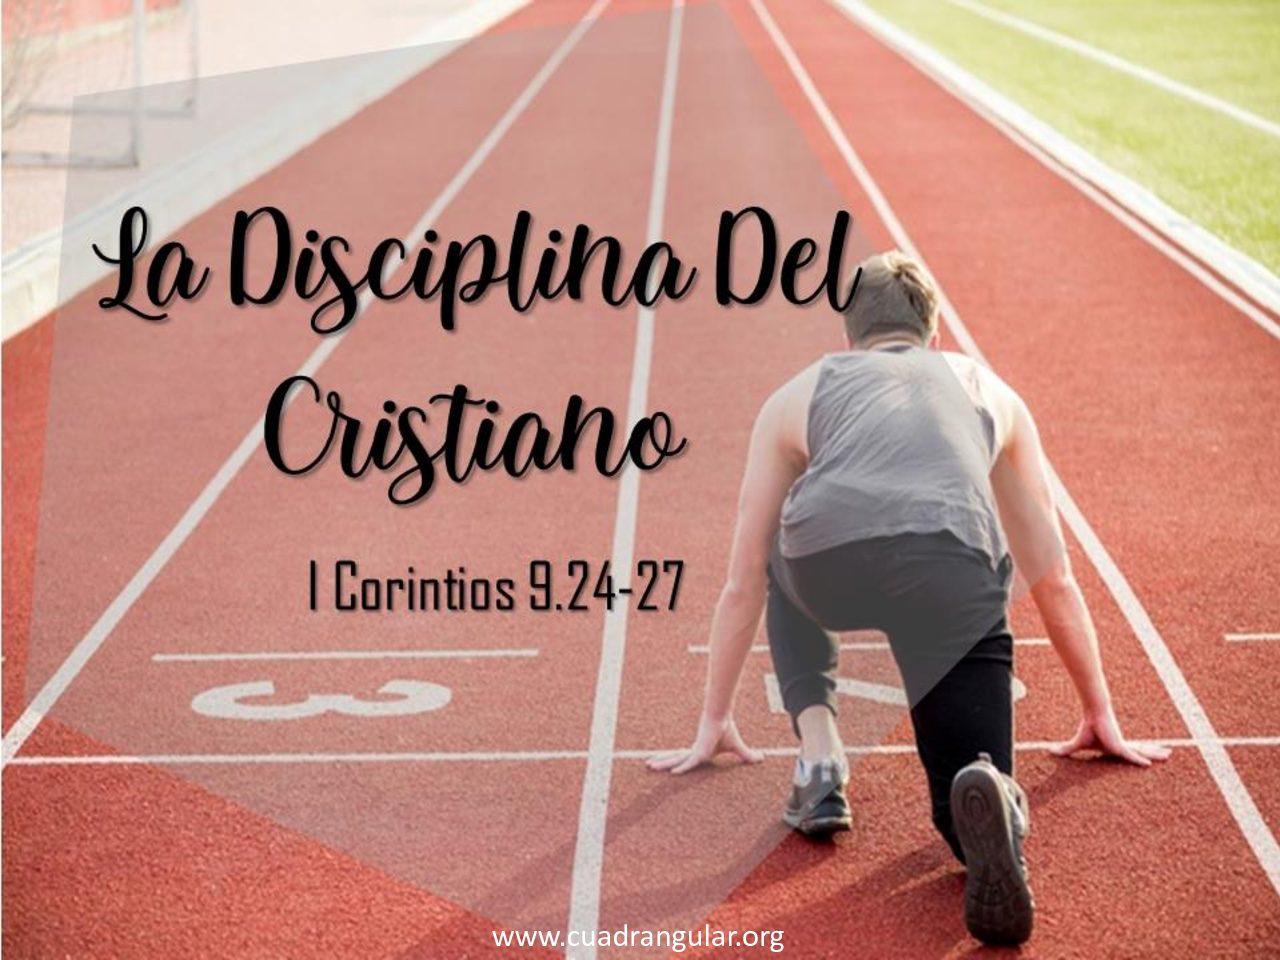 La disciplina del cristiano